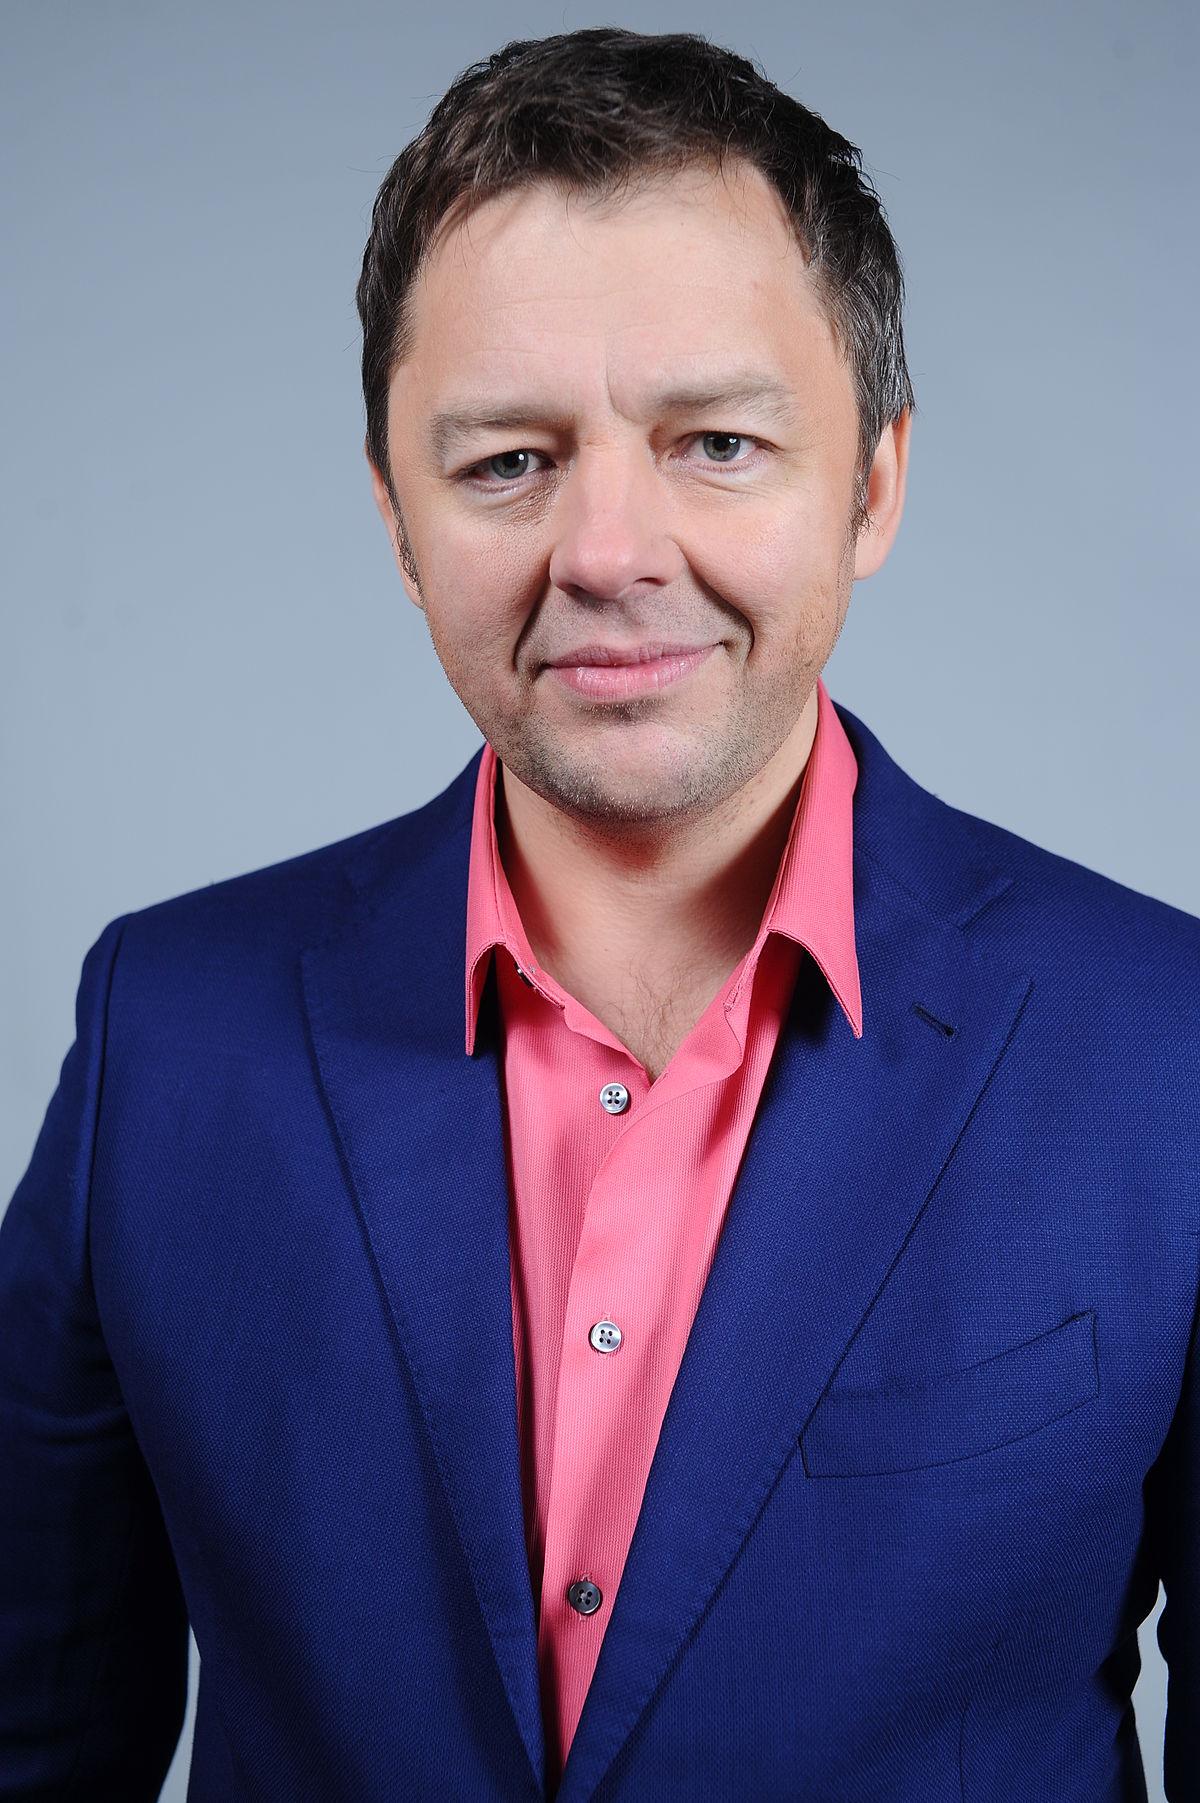 Исаев Сергей Владимирович  Википедия